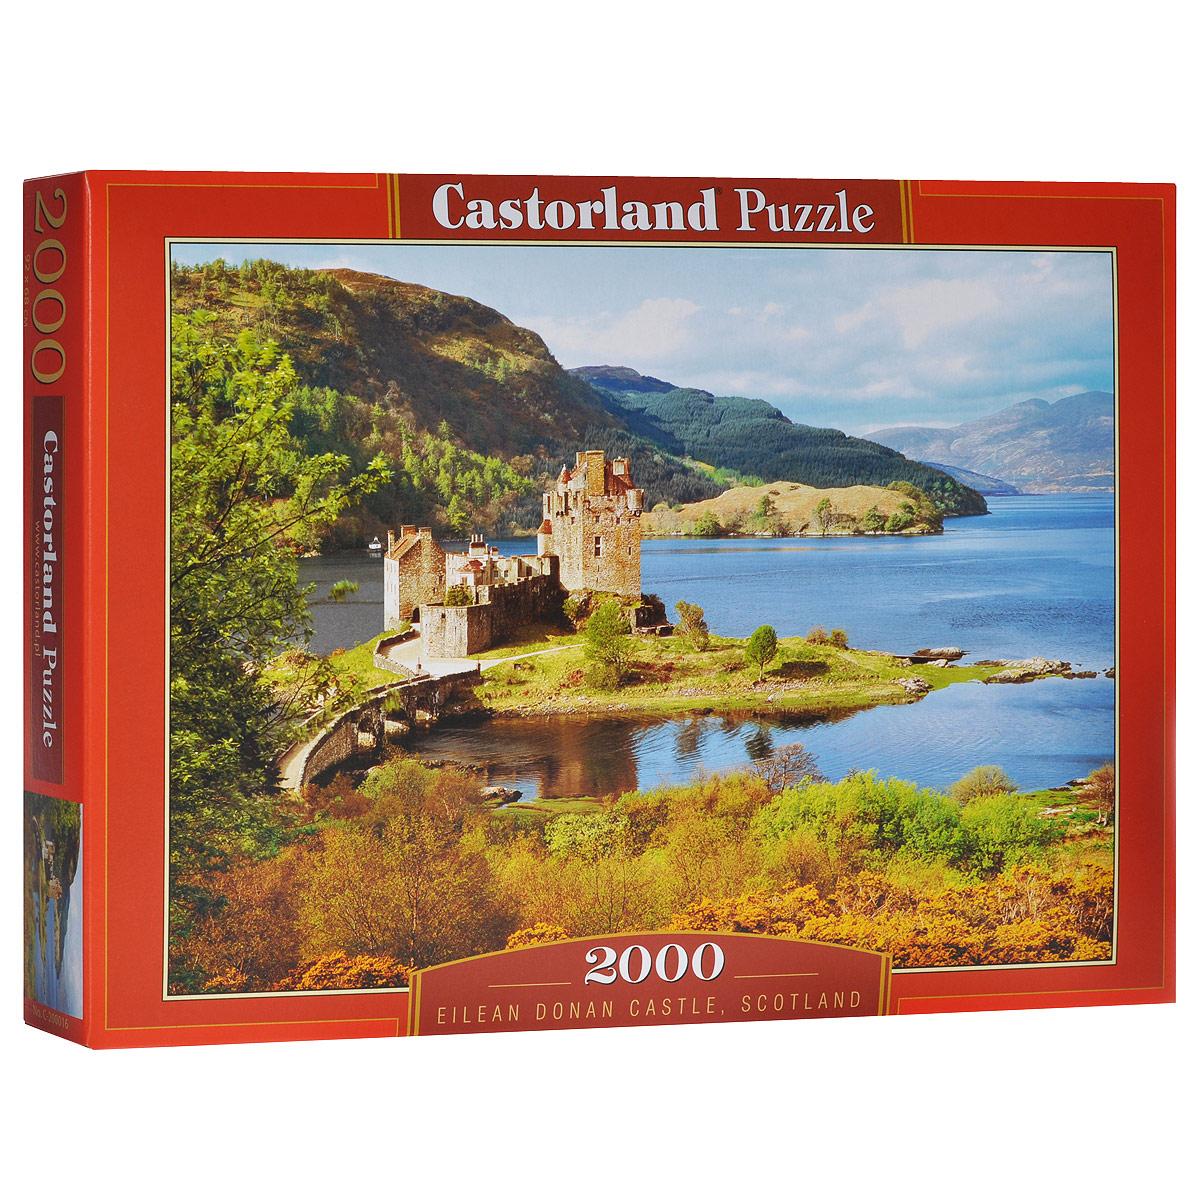 Побережье, Шотландия. Пазл, 2000 элементовС-200016Пазл Побережье, Шотландия, без сомнения, придется вам по душе. Собрав этот пазл, включающий в себя 2000 элементов, вы получите великолепную картину побережья Шотландии. Пазл - великолепная игра для семейного досуга. Сегодня собирание пазлов стало особенно популярным, главным образом, благодаря своей многообразной тематике, способной удовлетворить самый взыскательный вкус. А для детей это не только интересно, но и полезно. Собирание пазла развивает мелкую моторику у ребенка, тренирует наблюдательность, логическое мышление, знакомит с окружающим миром, с цветом и разнообразными формами.